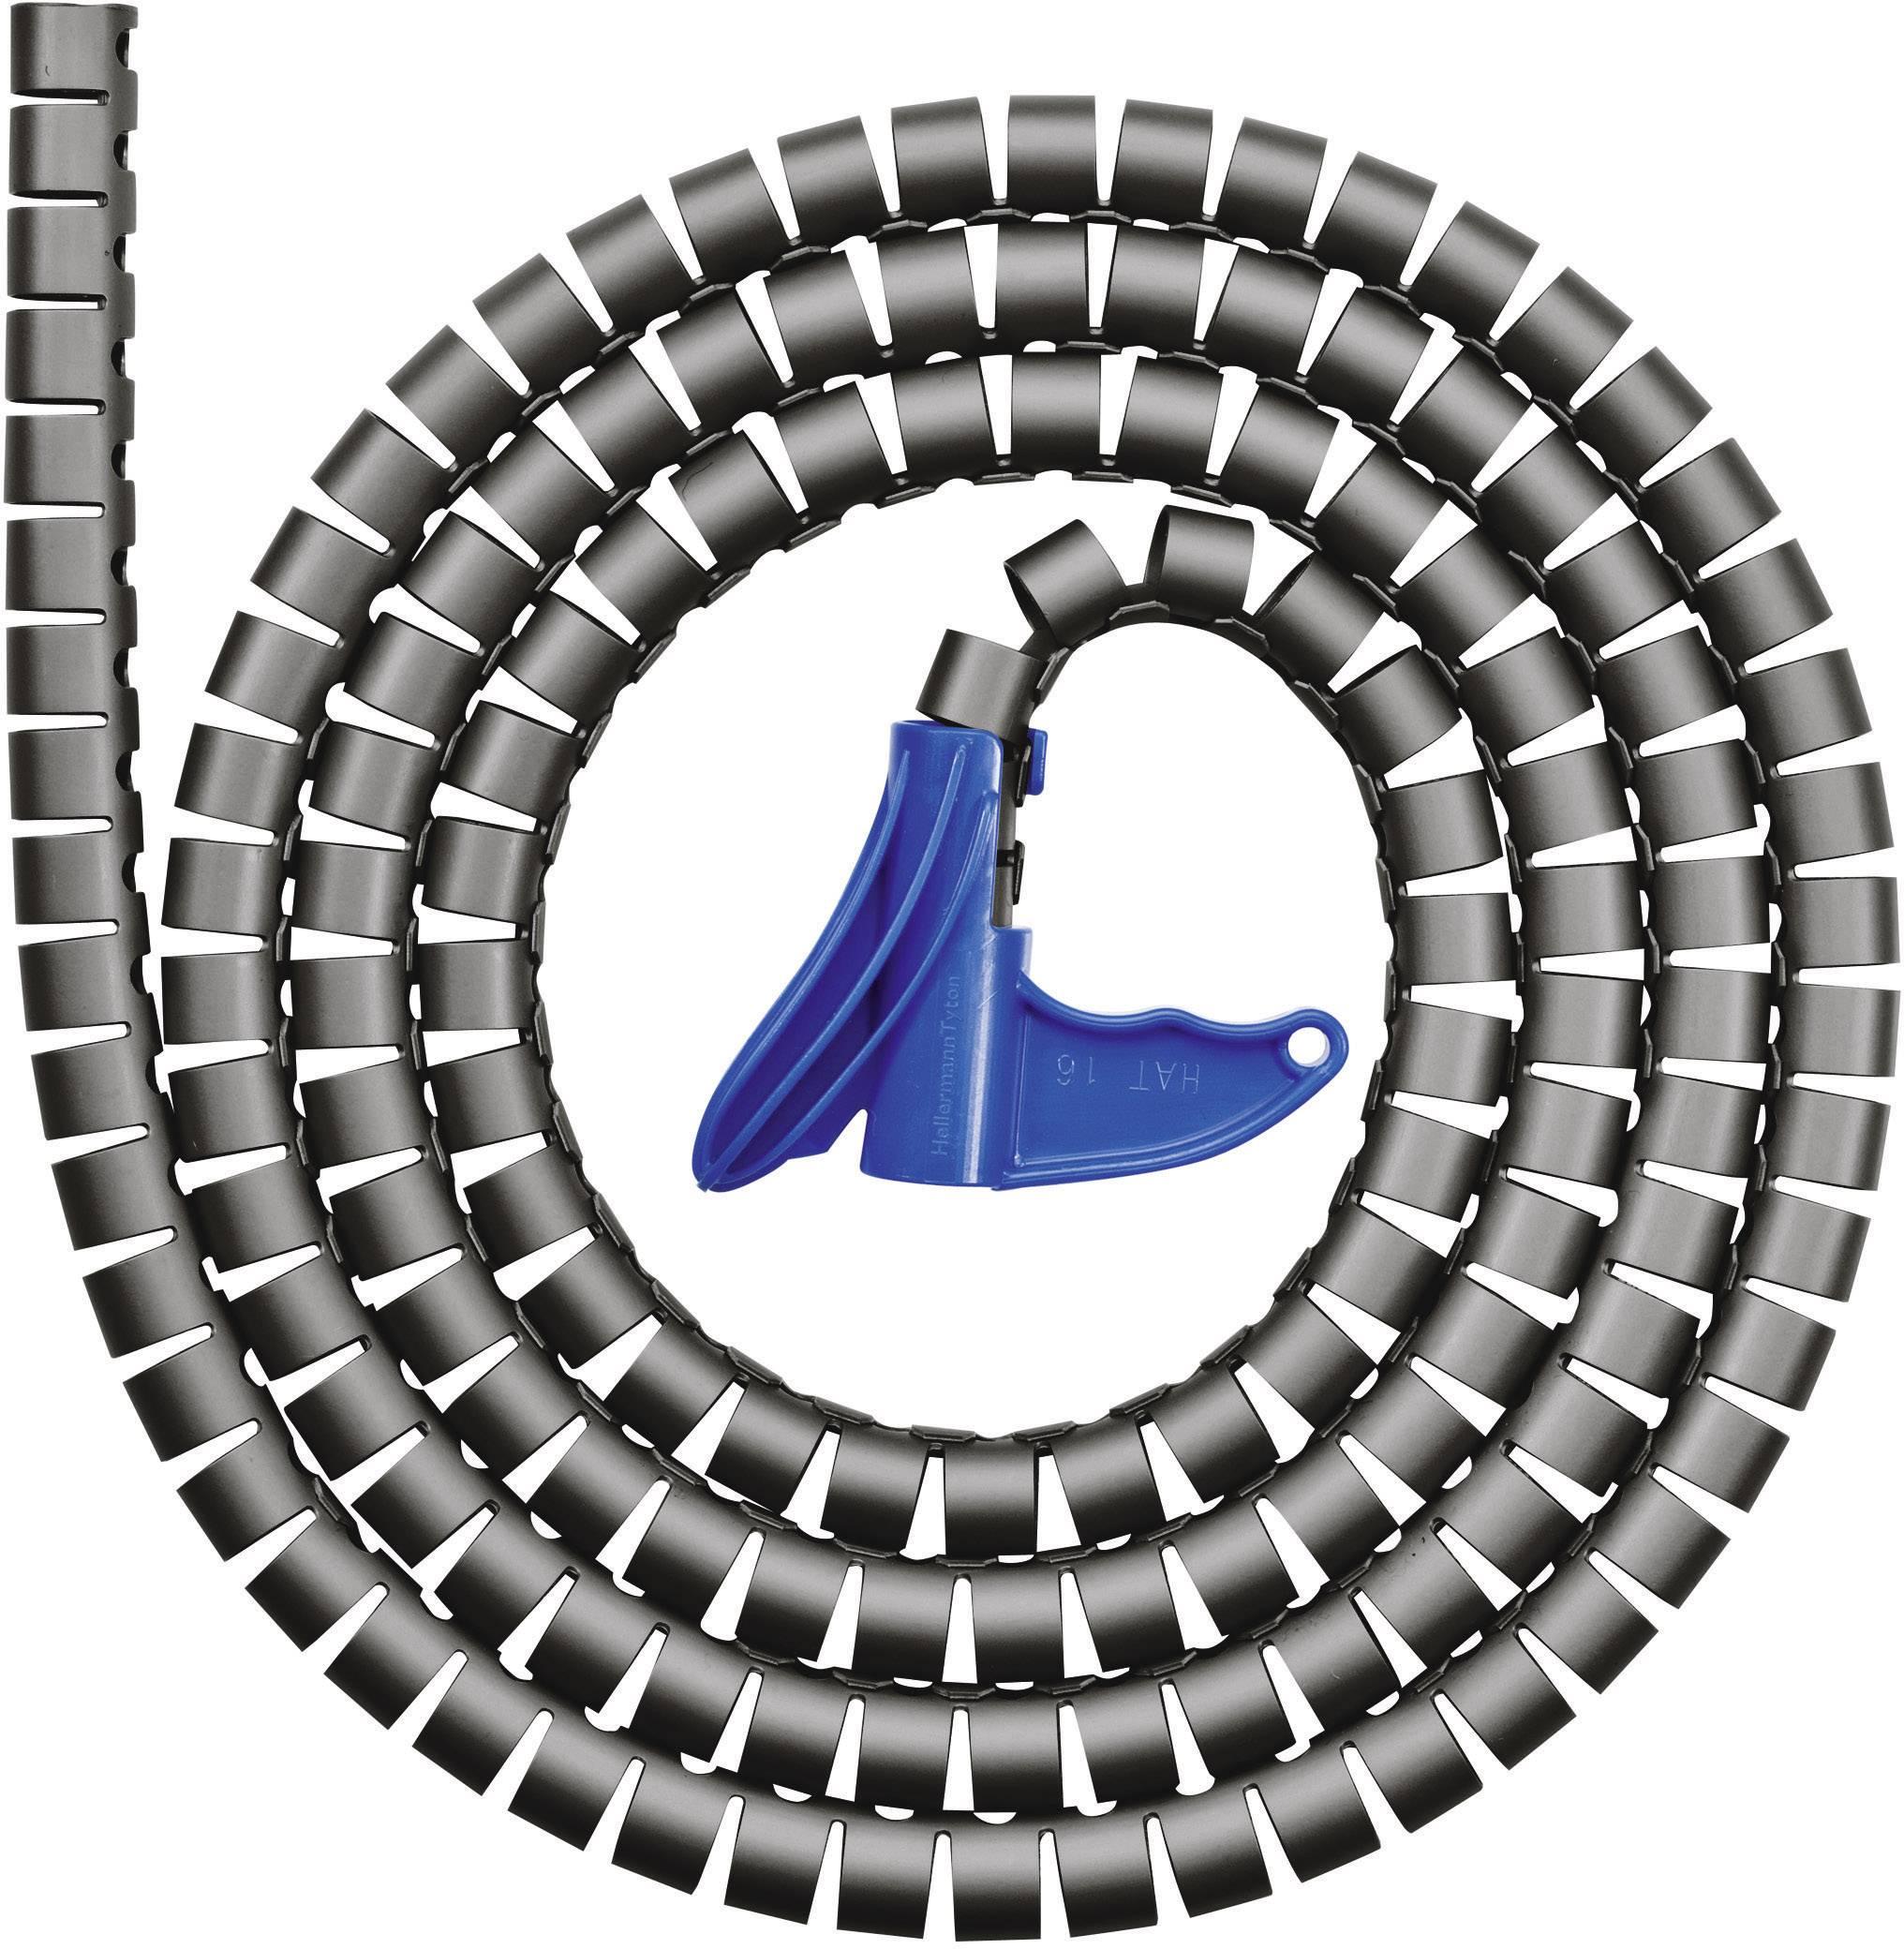 Organizér kabelů HellermannTyton HWPP-20MM-PP-BK-Q1 (161-64301), 0.95 mm, 21 mm, černá